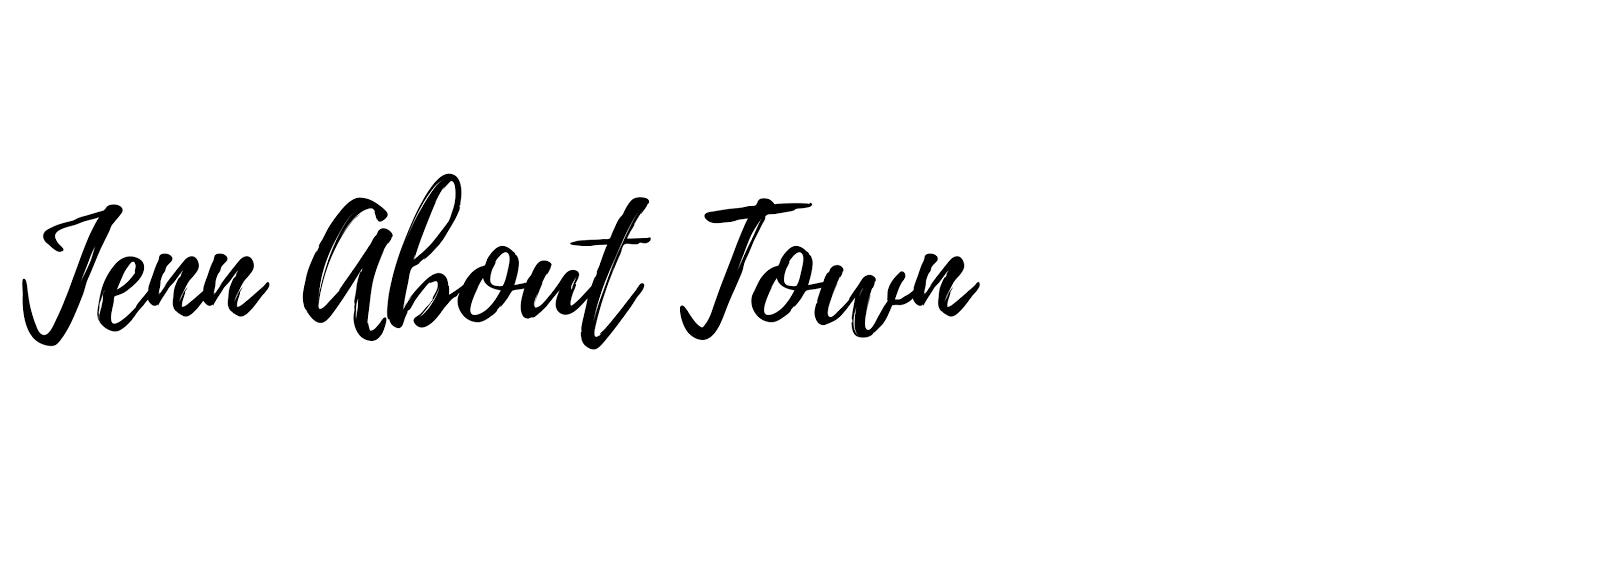 Jenn About Town